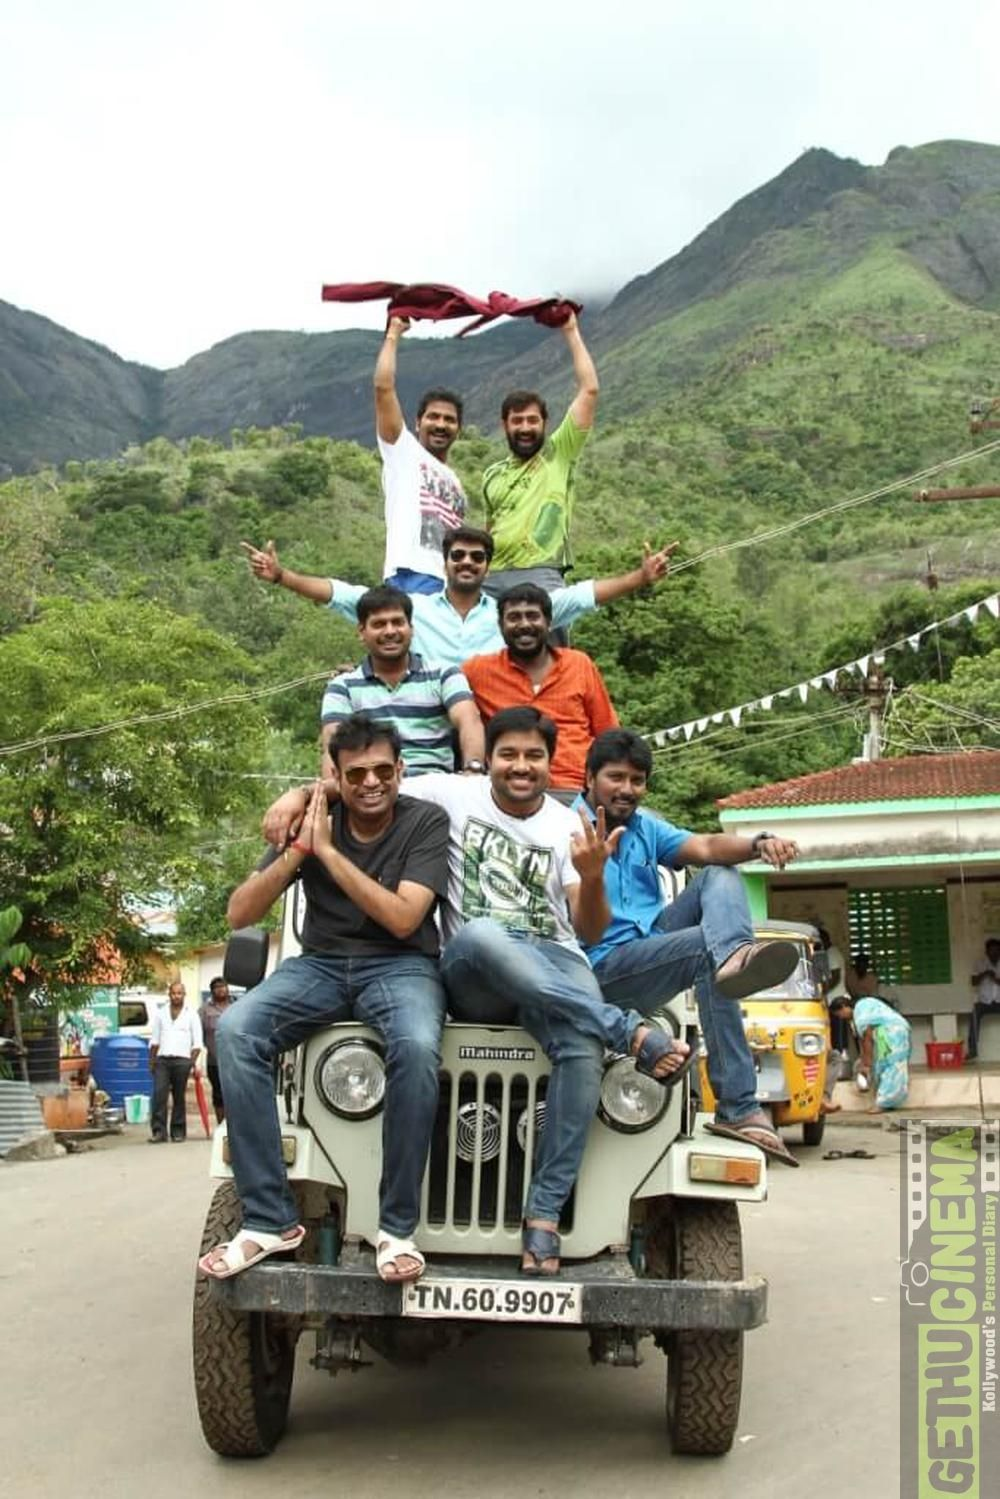 Chennai 600028 ii second innings tamil movie latest